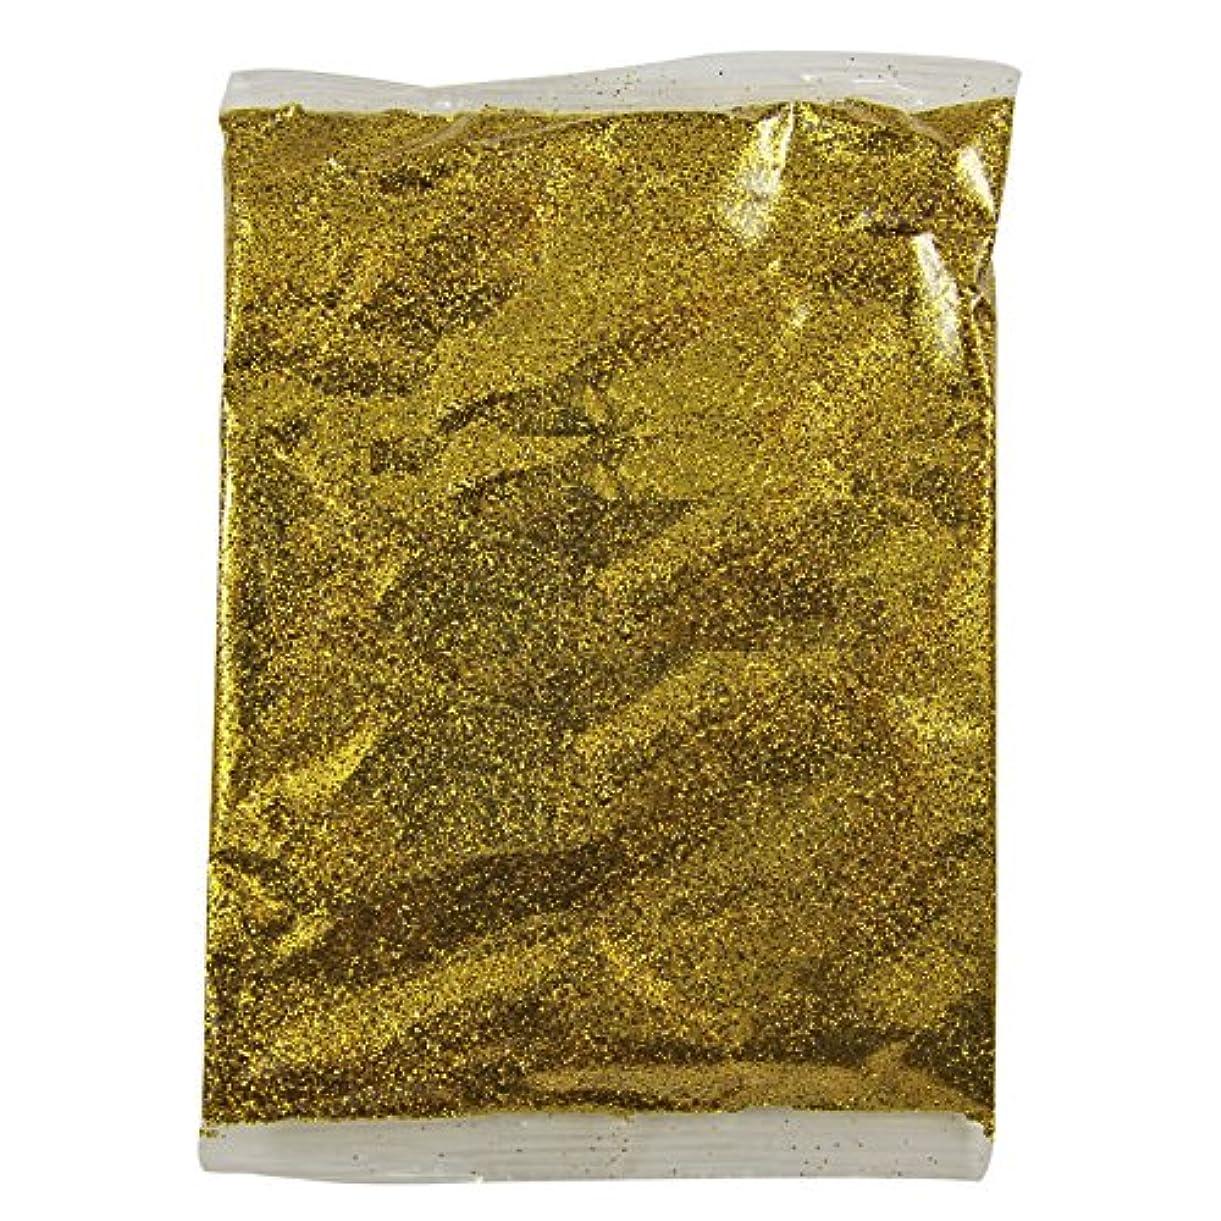 予防接種交通交じるFidgetGear 100グラムホログラフィック虹色グリッターファインダストネイルアートパウダーワイングラス工芸 ゴールド